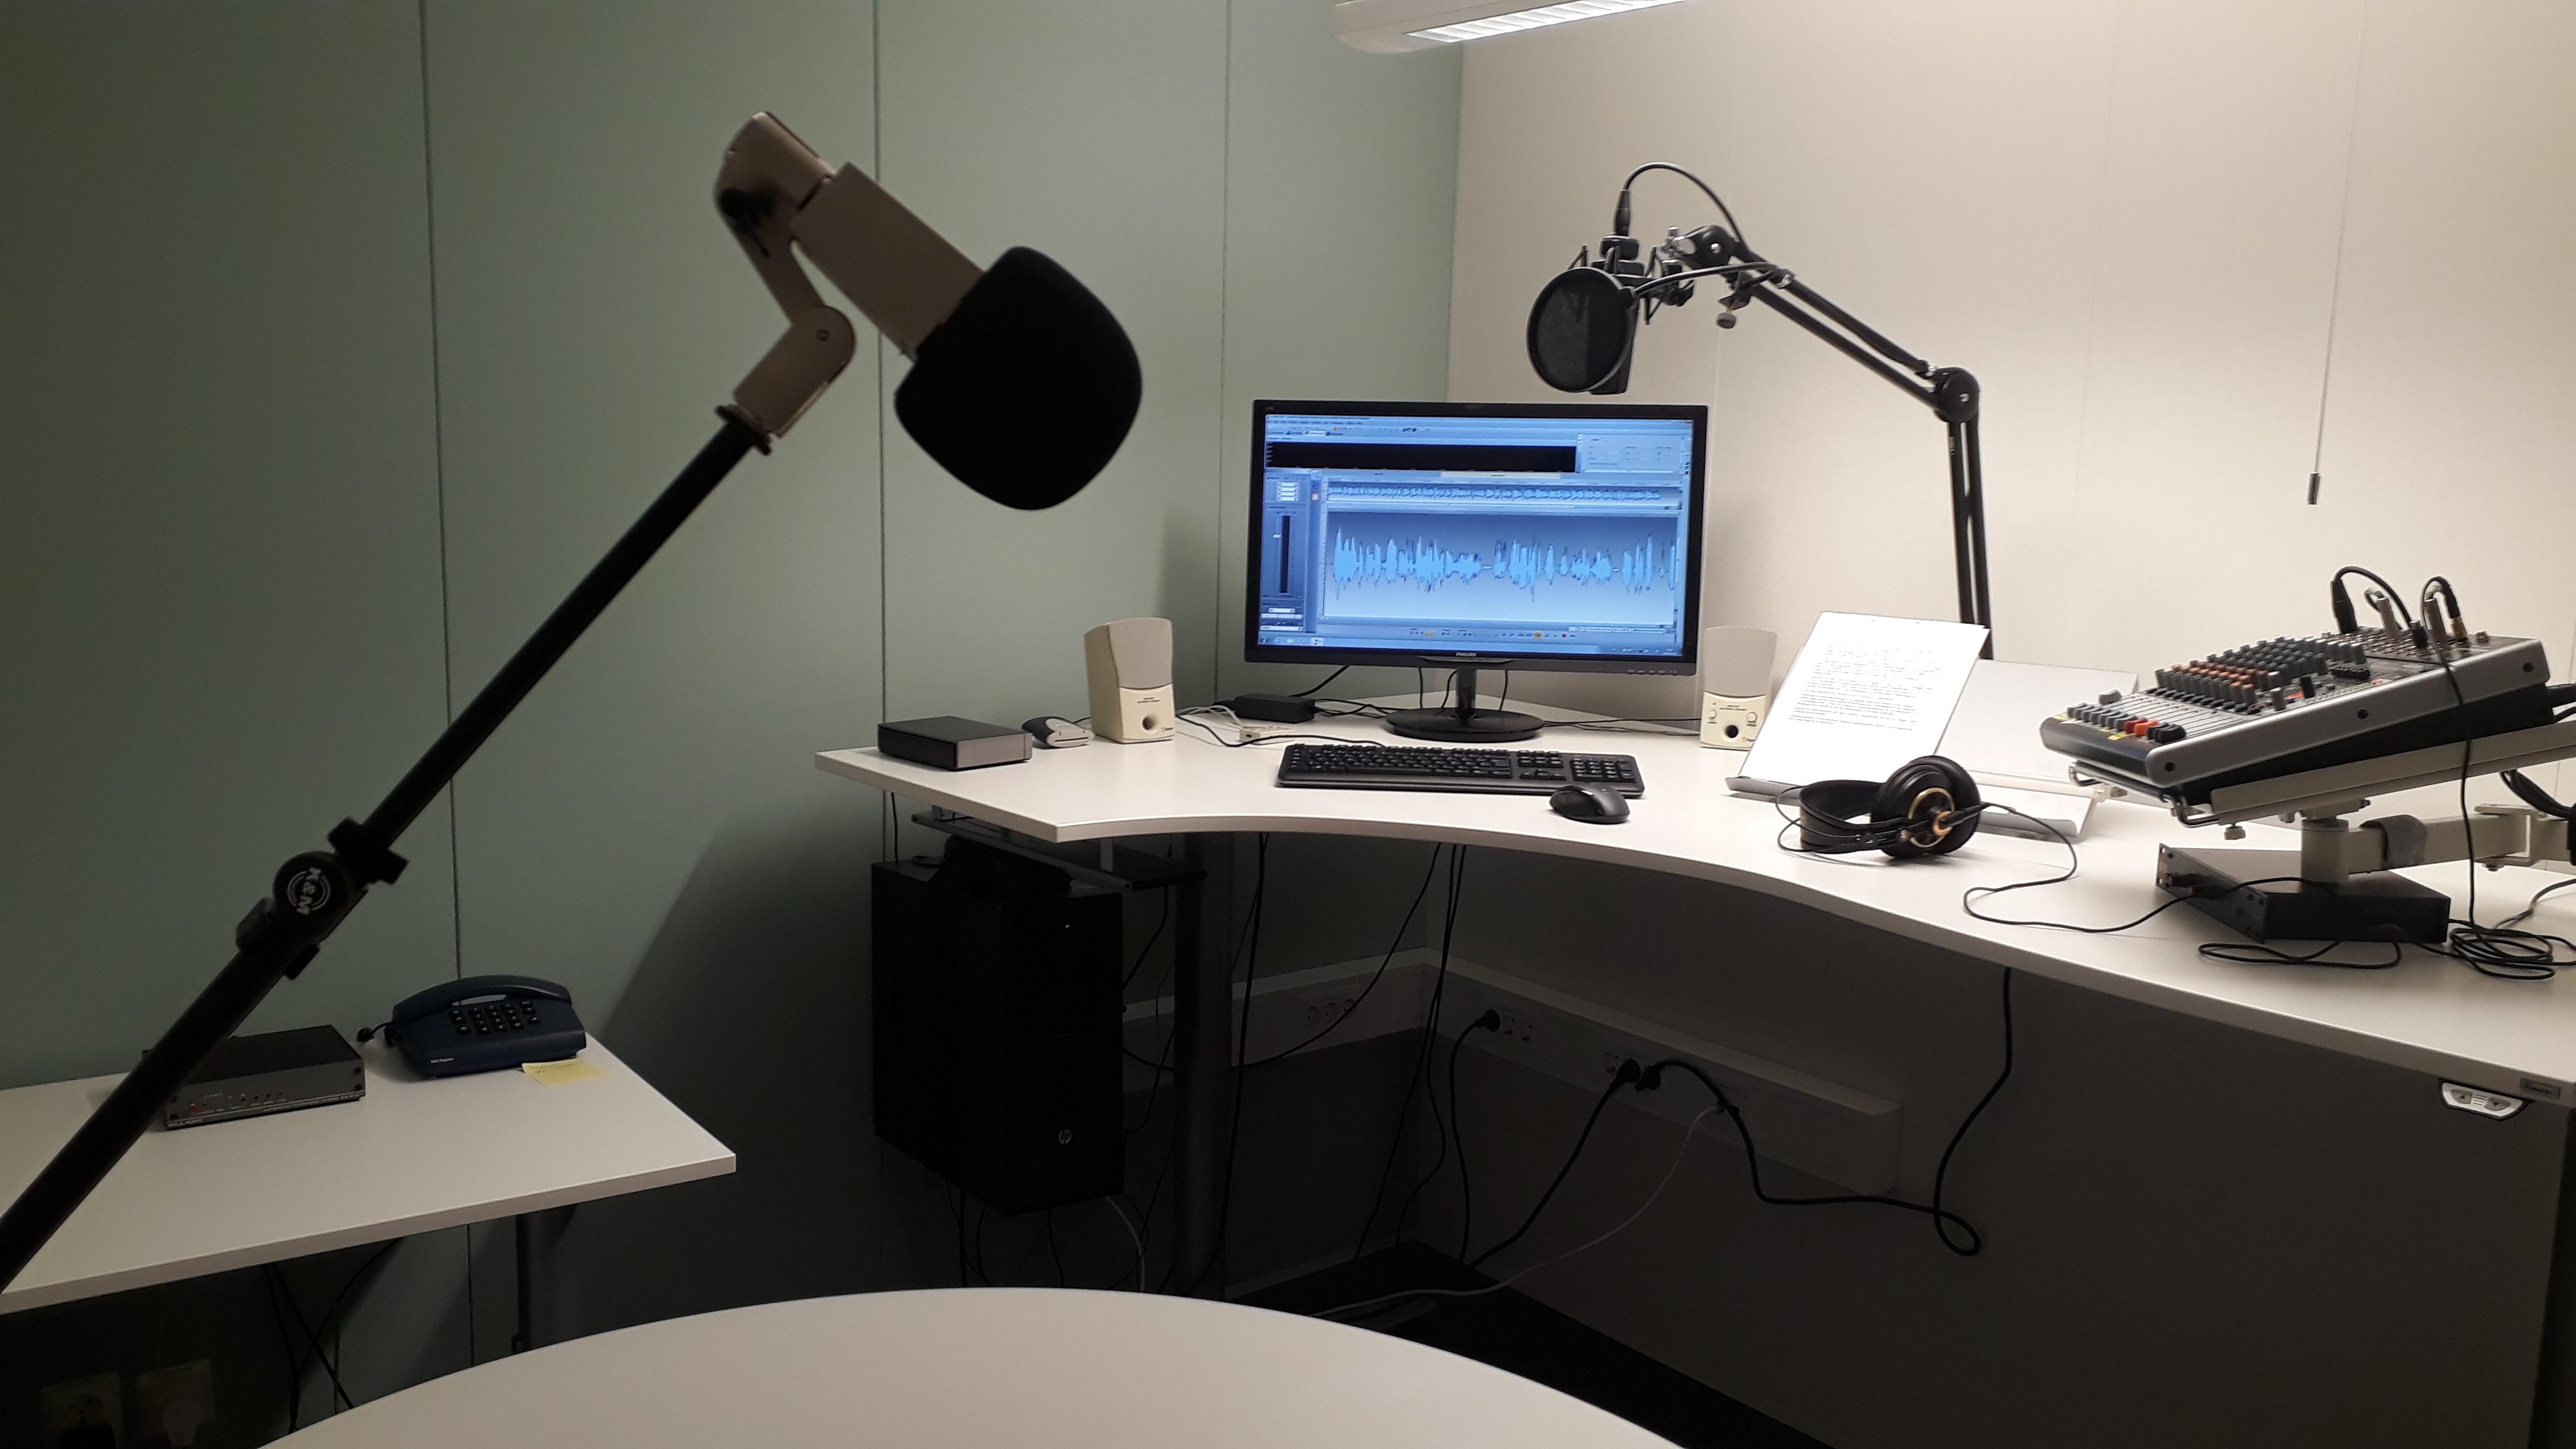 Grön fondvägg i ljudstudion och inspelningsutrustning på det vita skrivbordet